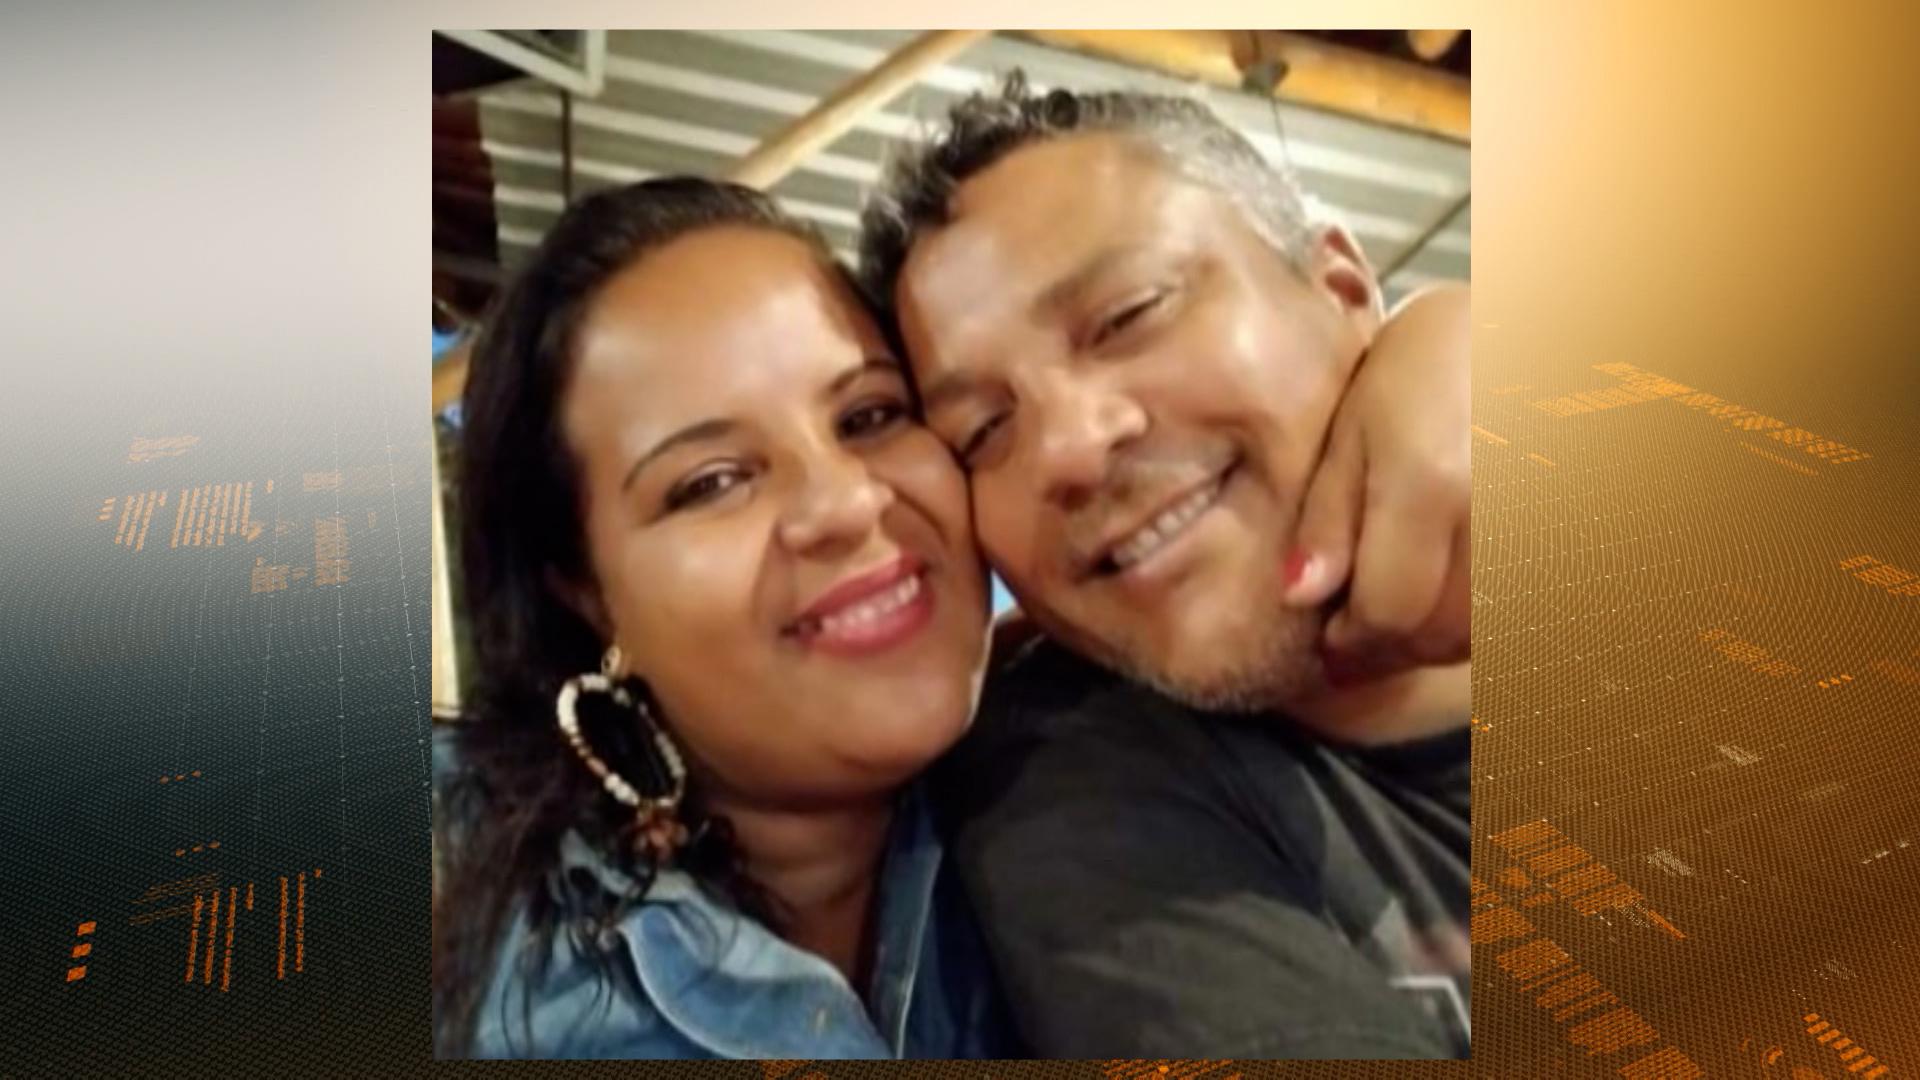 Morta pelo marido: Briga de casal termina em morte no Norte de Minas